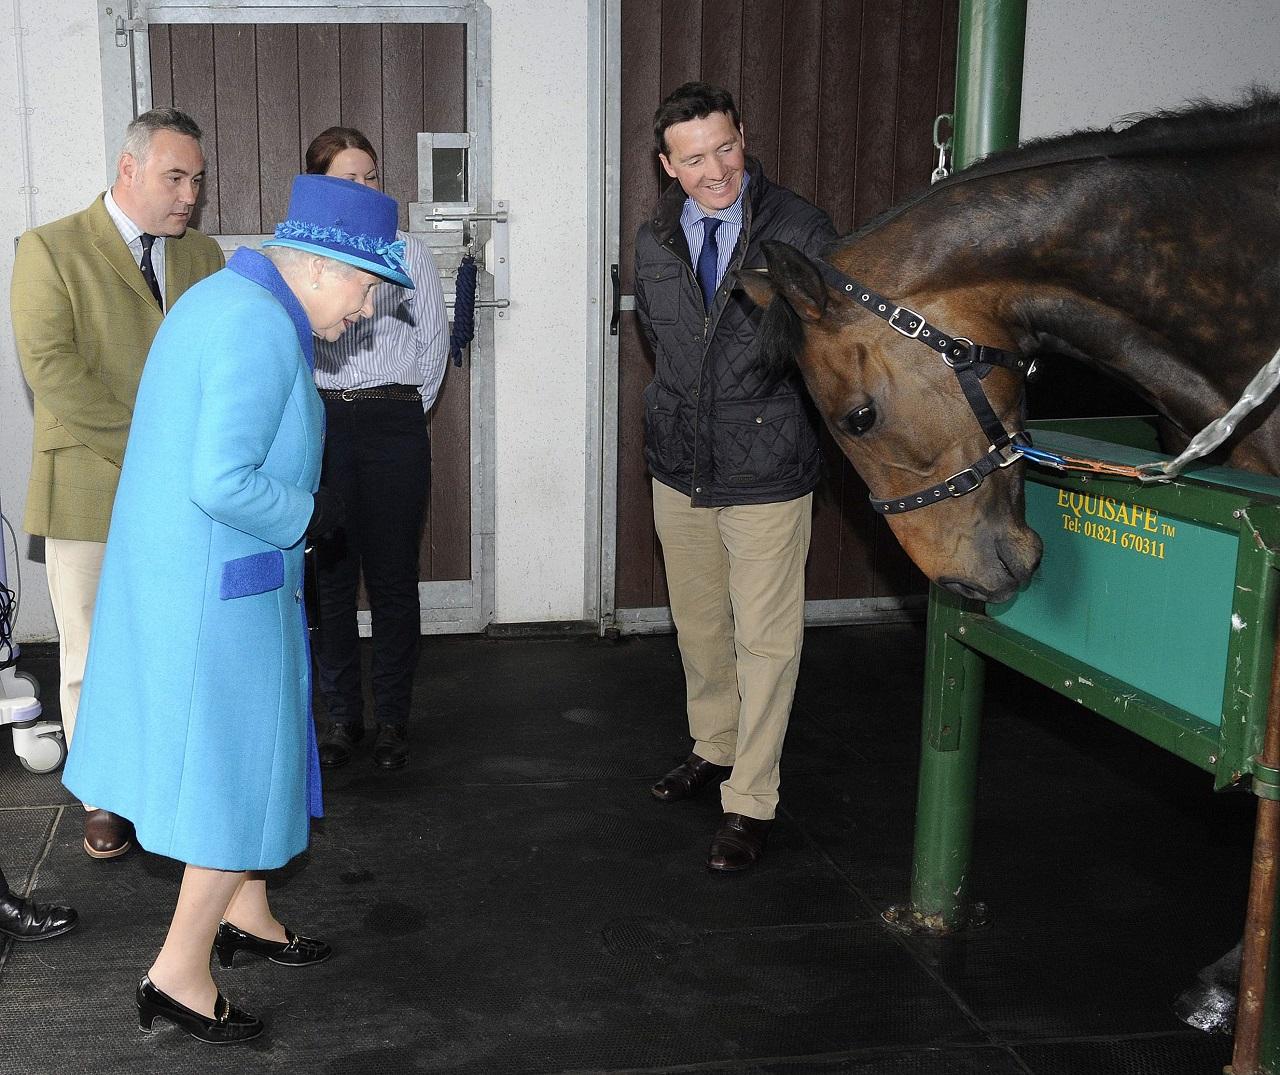 Tesco-utalványt nyert lóversenyen az angol királynő